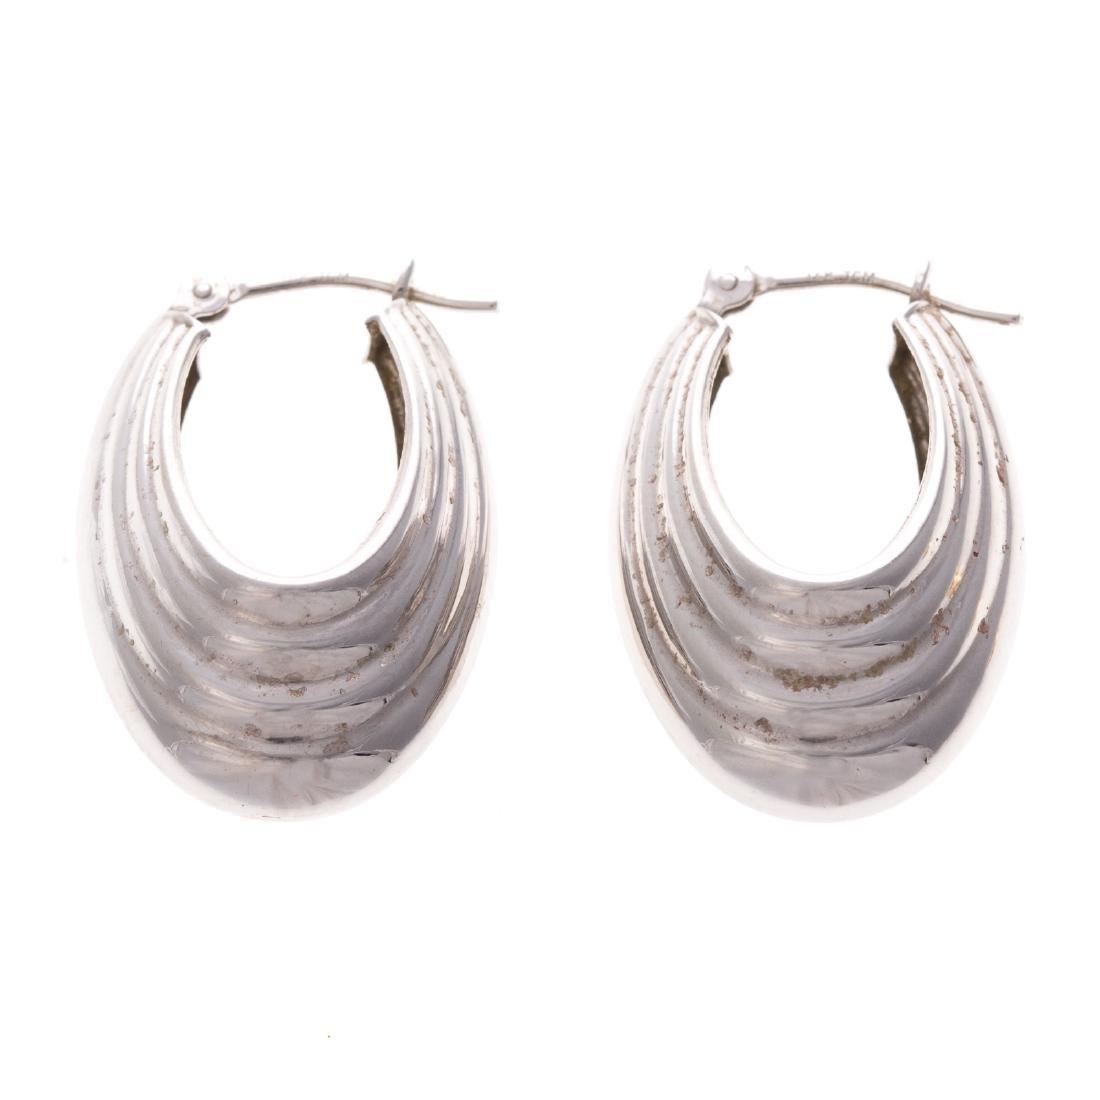 Two Pairs of Lady's 14K Hoop Earrings - 5